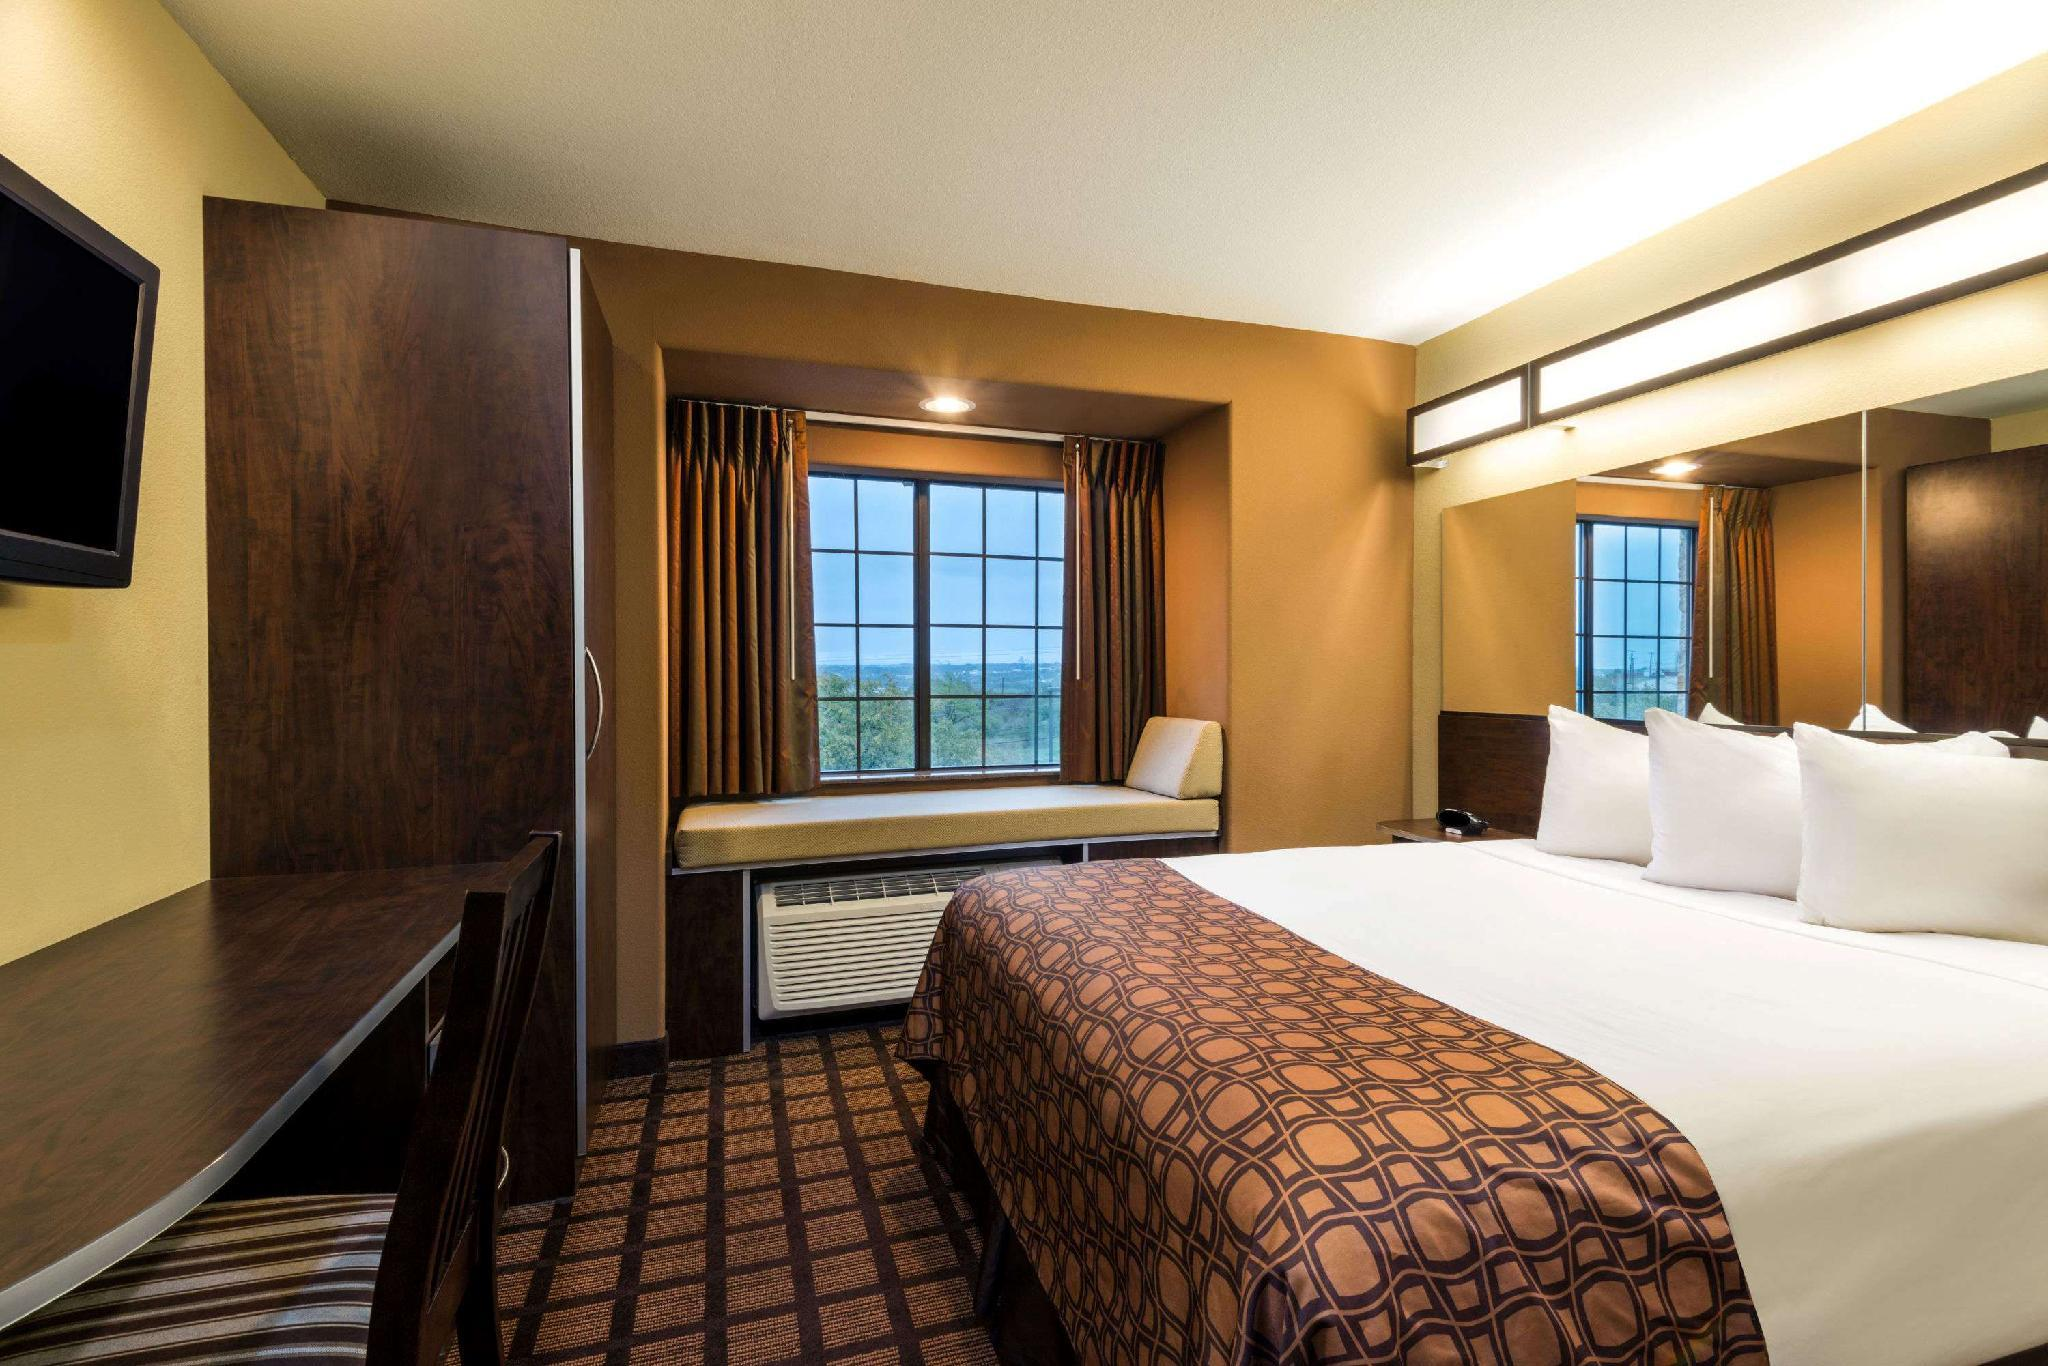 Microtel Inn & Suites by Wyndham San Antonio by SeaWorld, Bexar